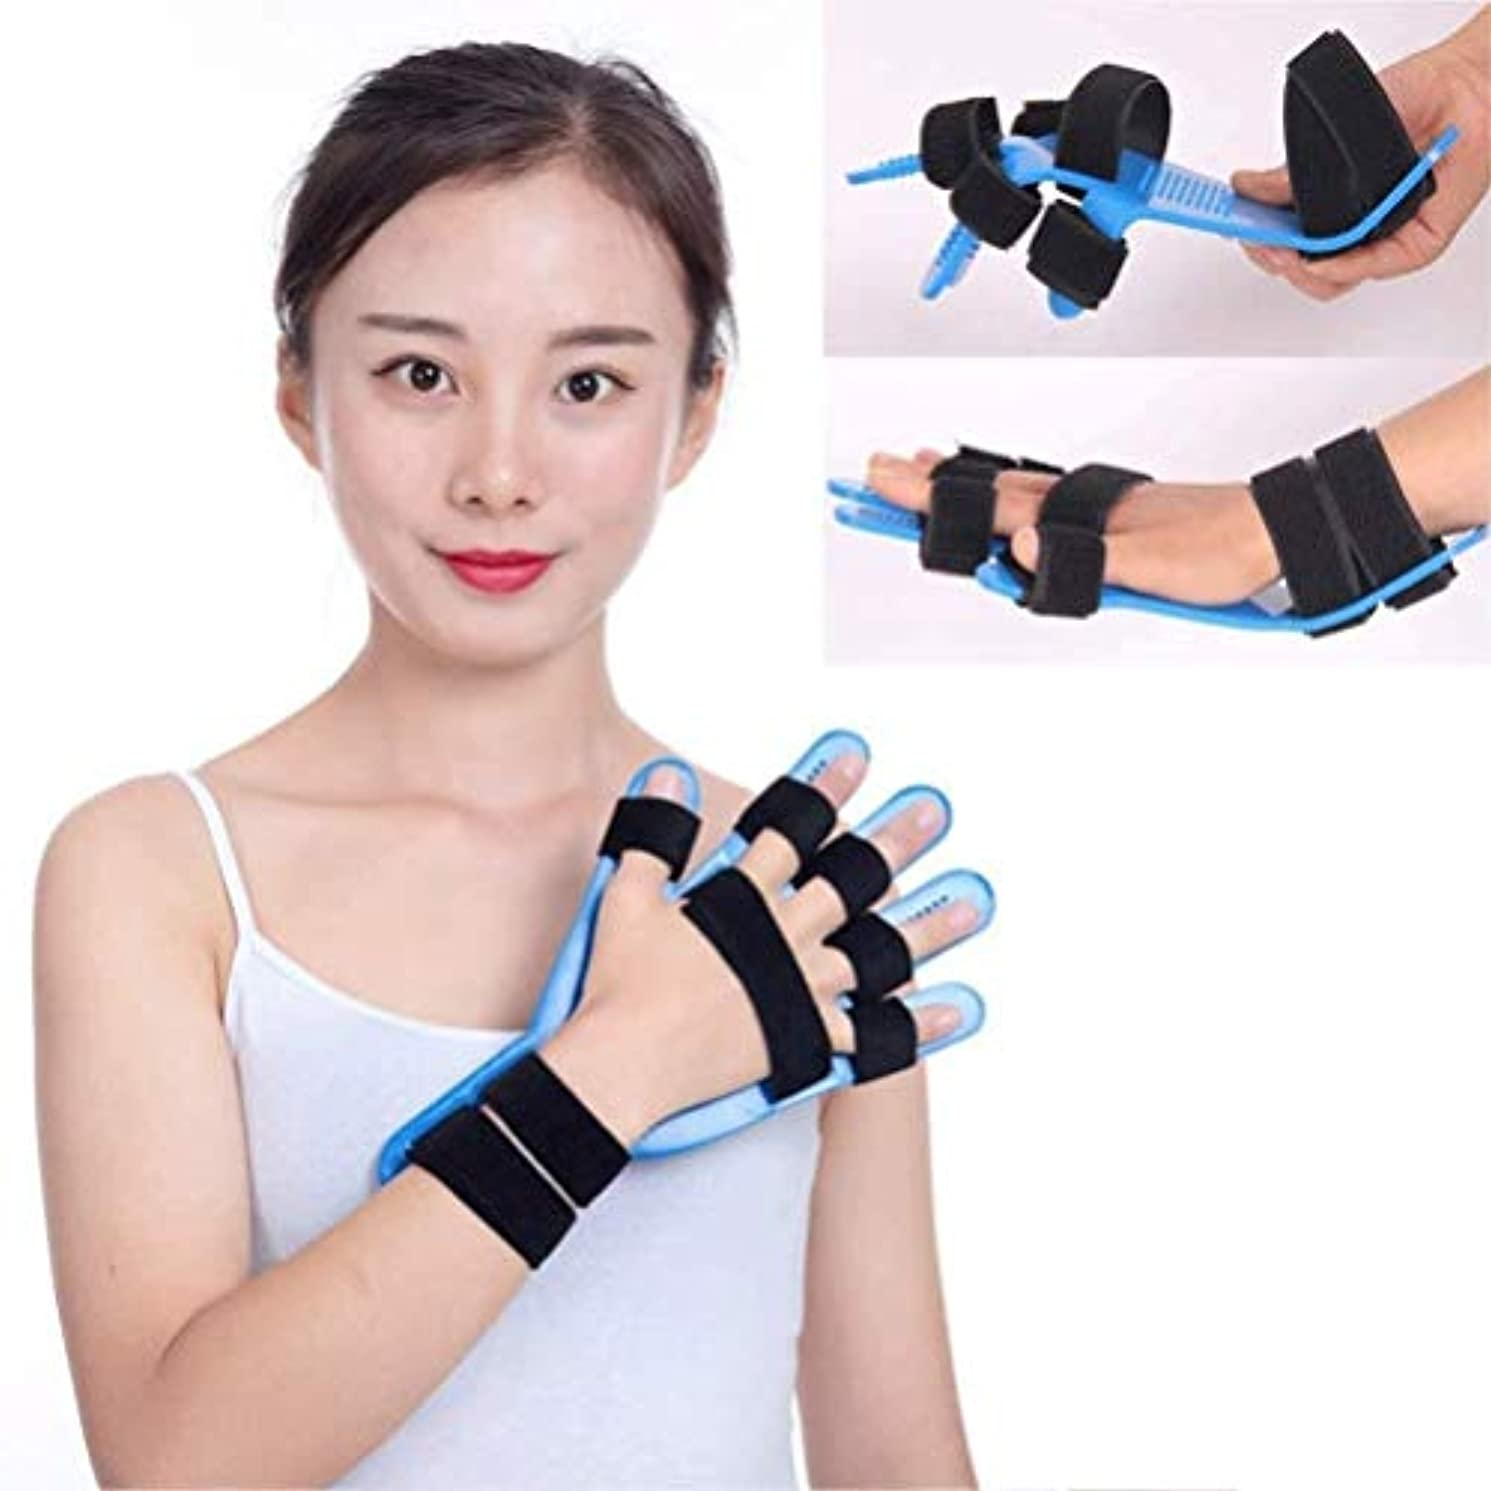 出費レーニン主義虫外傷性脳卒中/片麻痺/リハビリテーション-Fingerスプリントブレースの手の手首のトレーニング装具ストローク機器